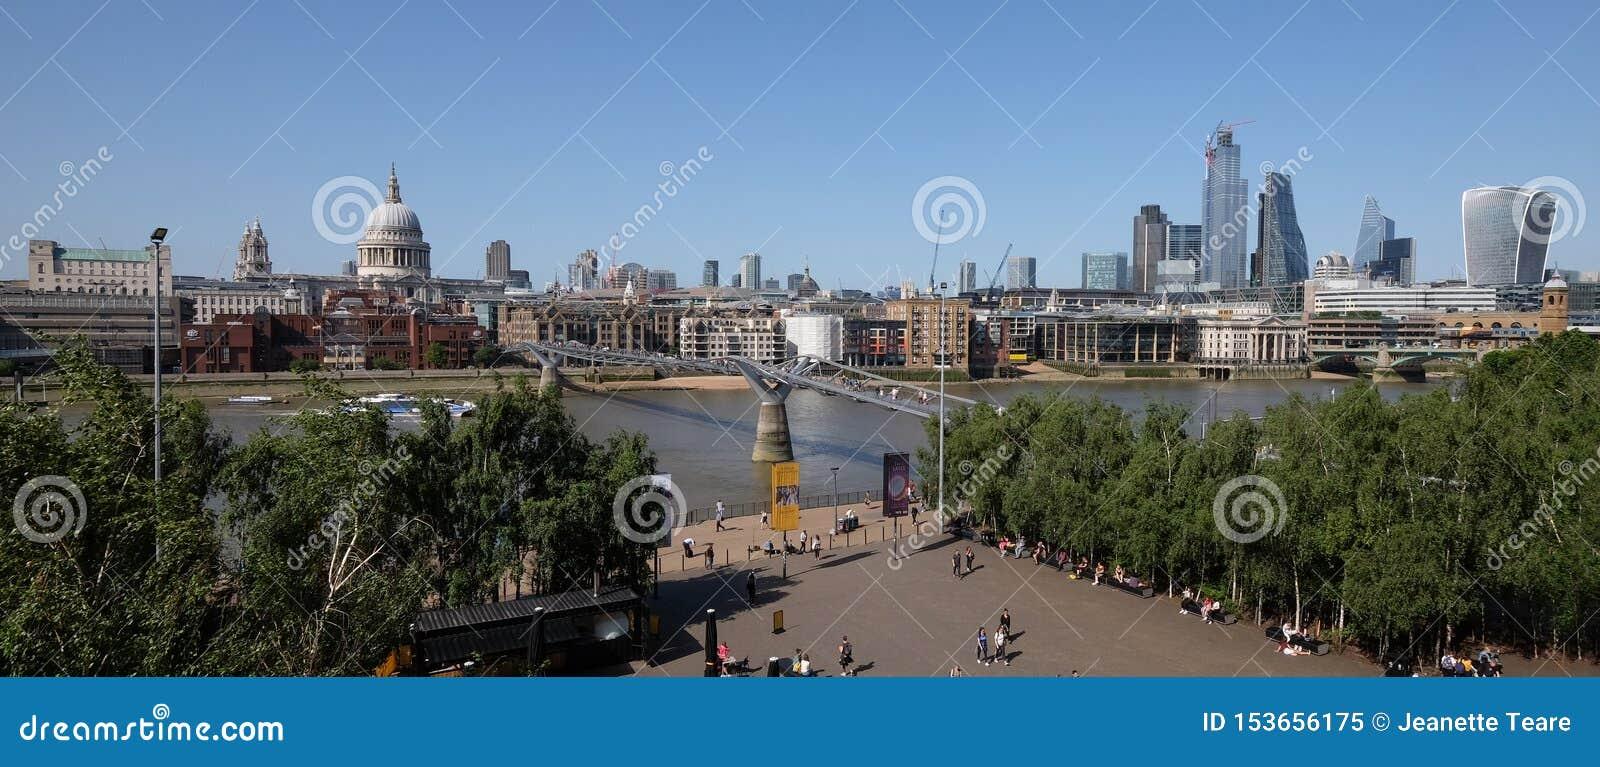 Stadt von London, Vereinigtes Königreich am 6. Juli 2019: London-Skylinepanorama gesehen vom Südufer